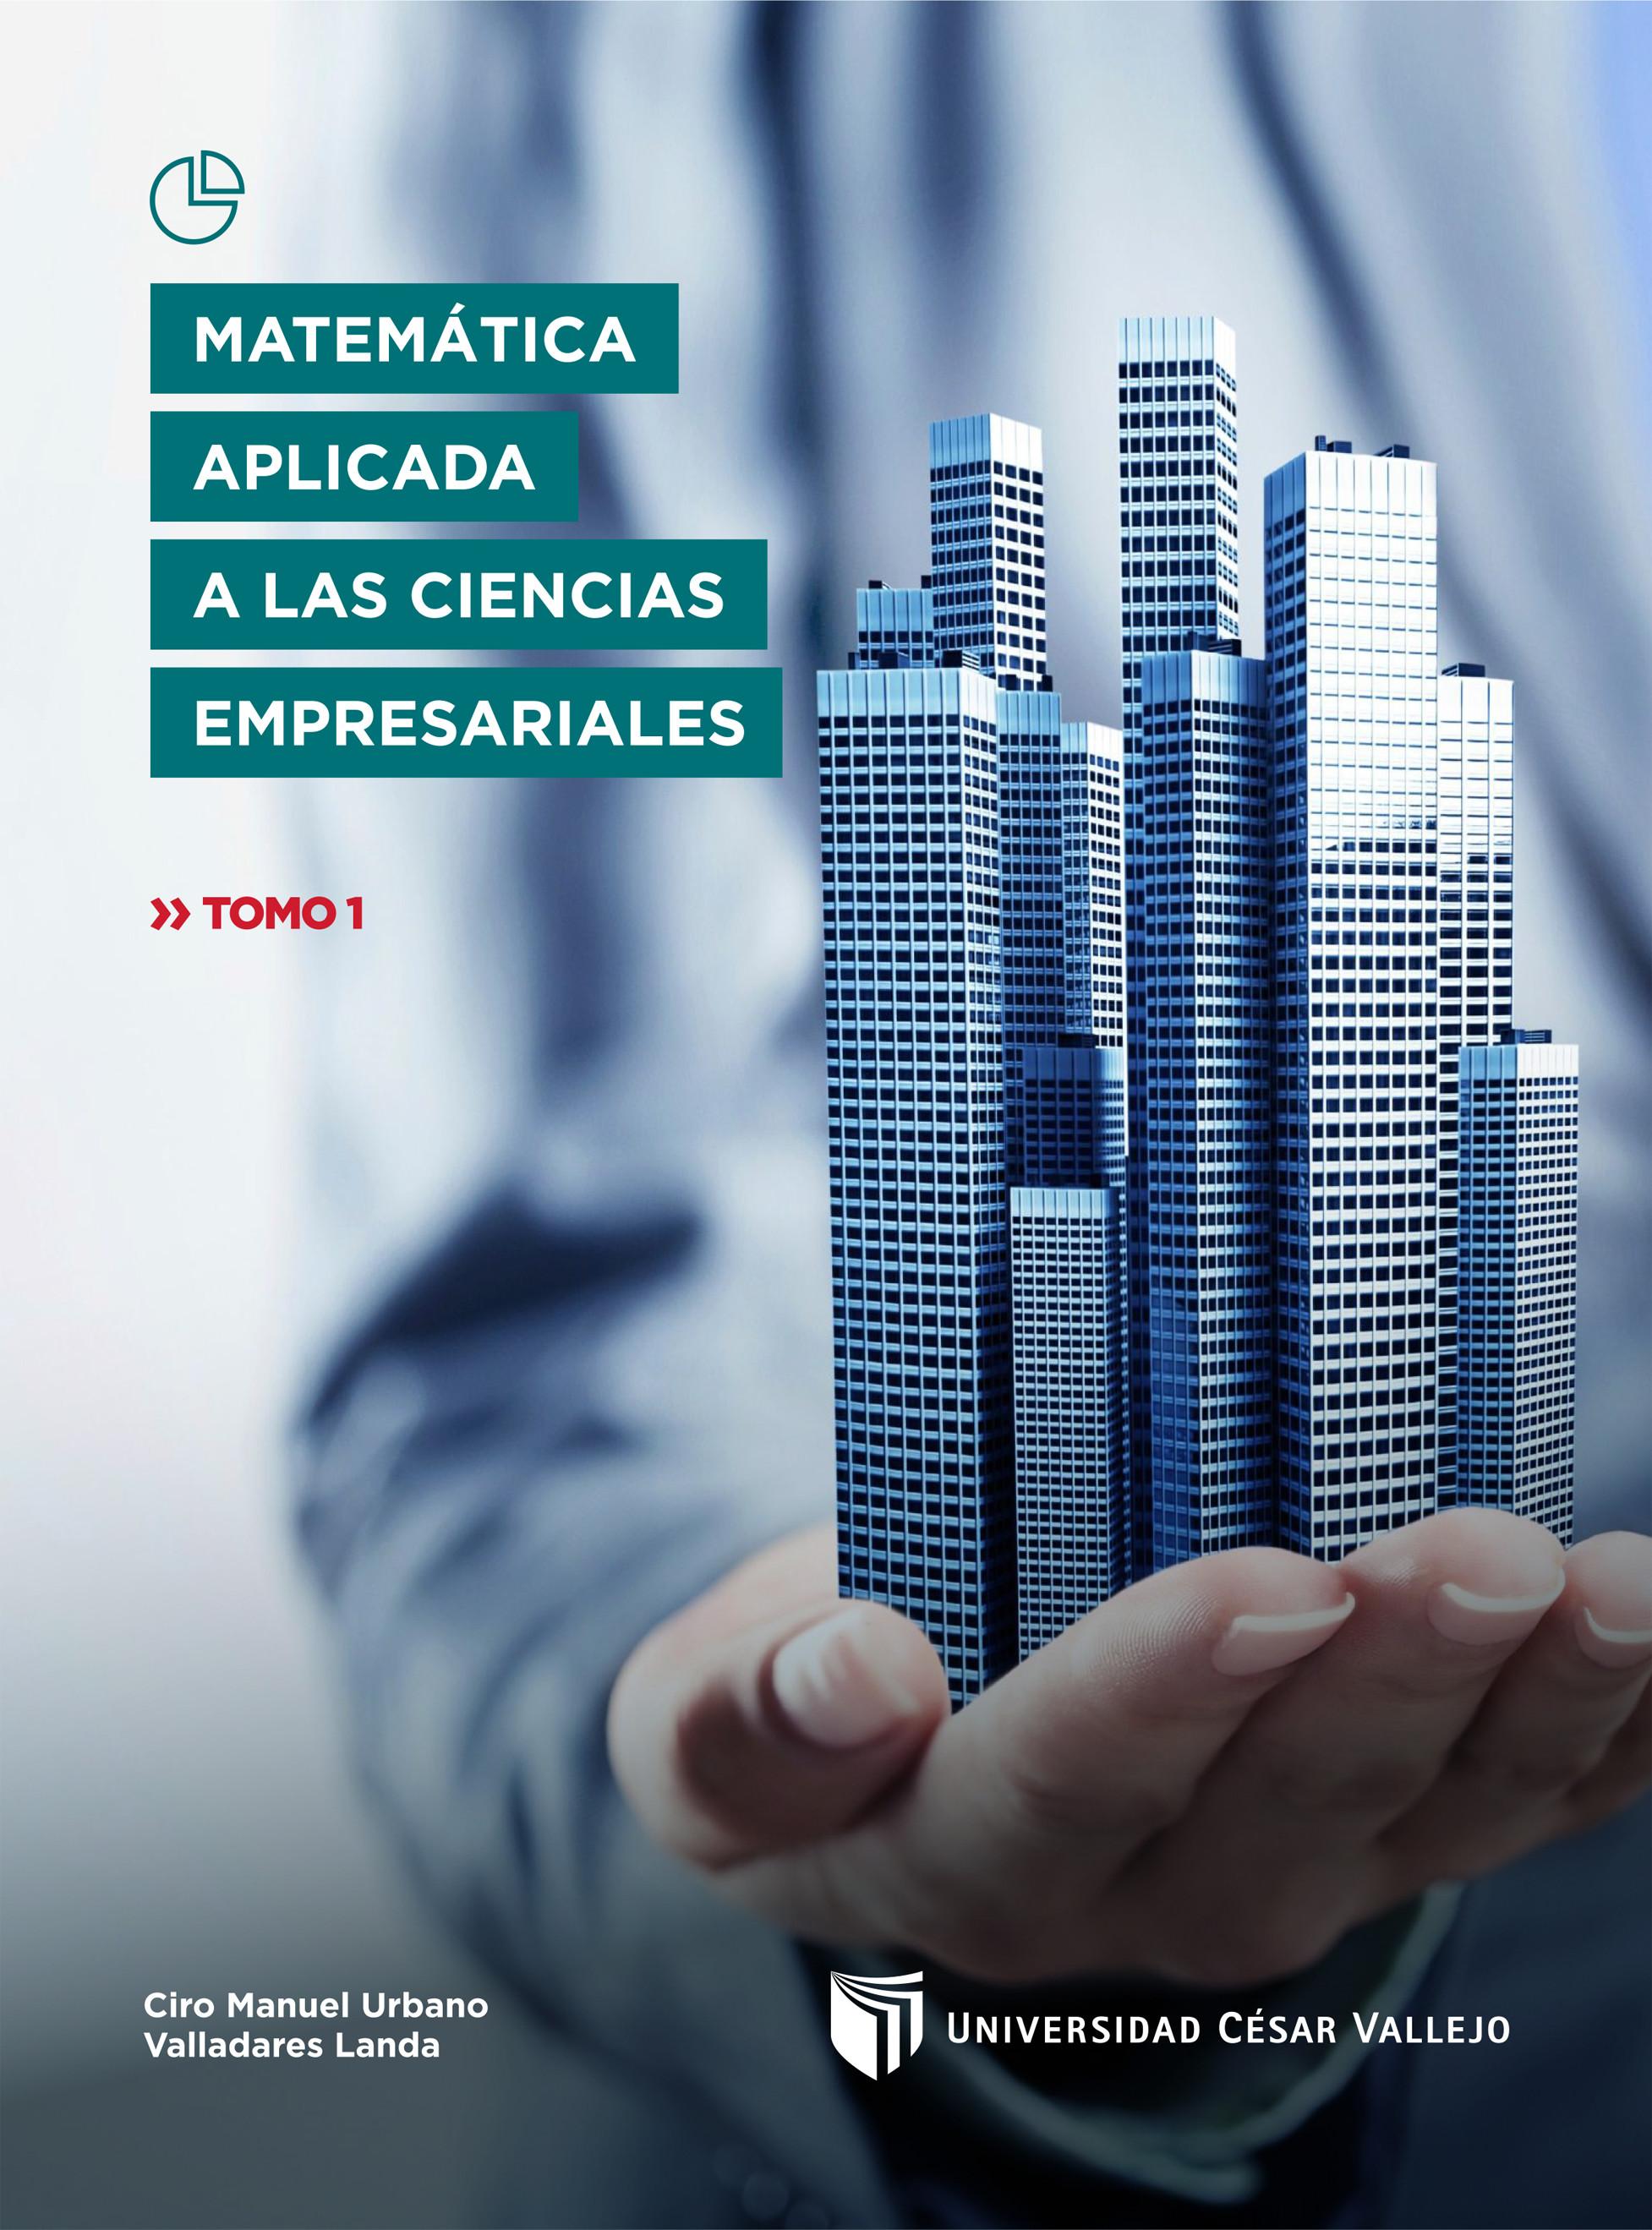 Matemática aplicada a las ciencias empresariales